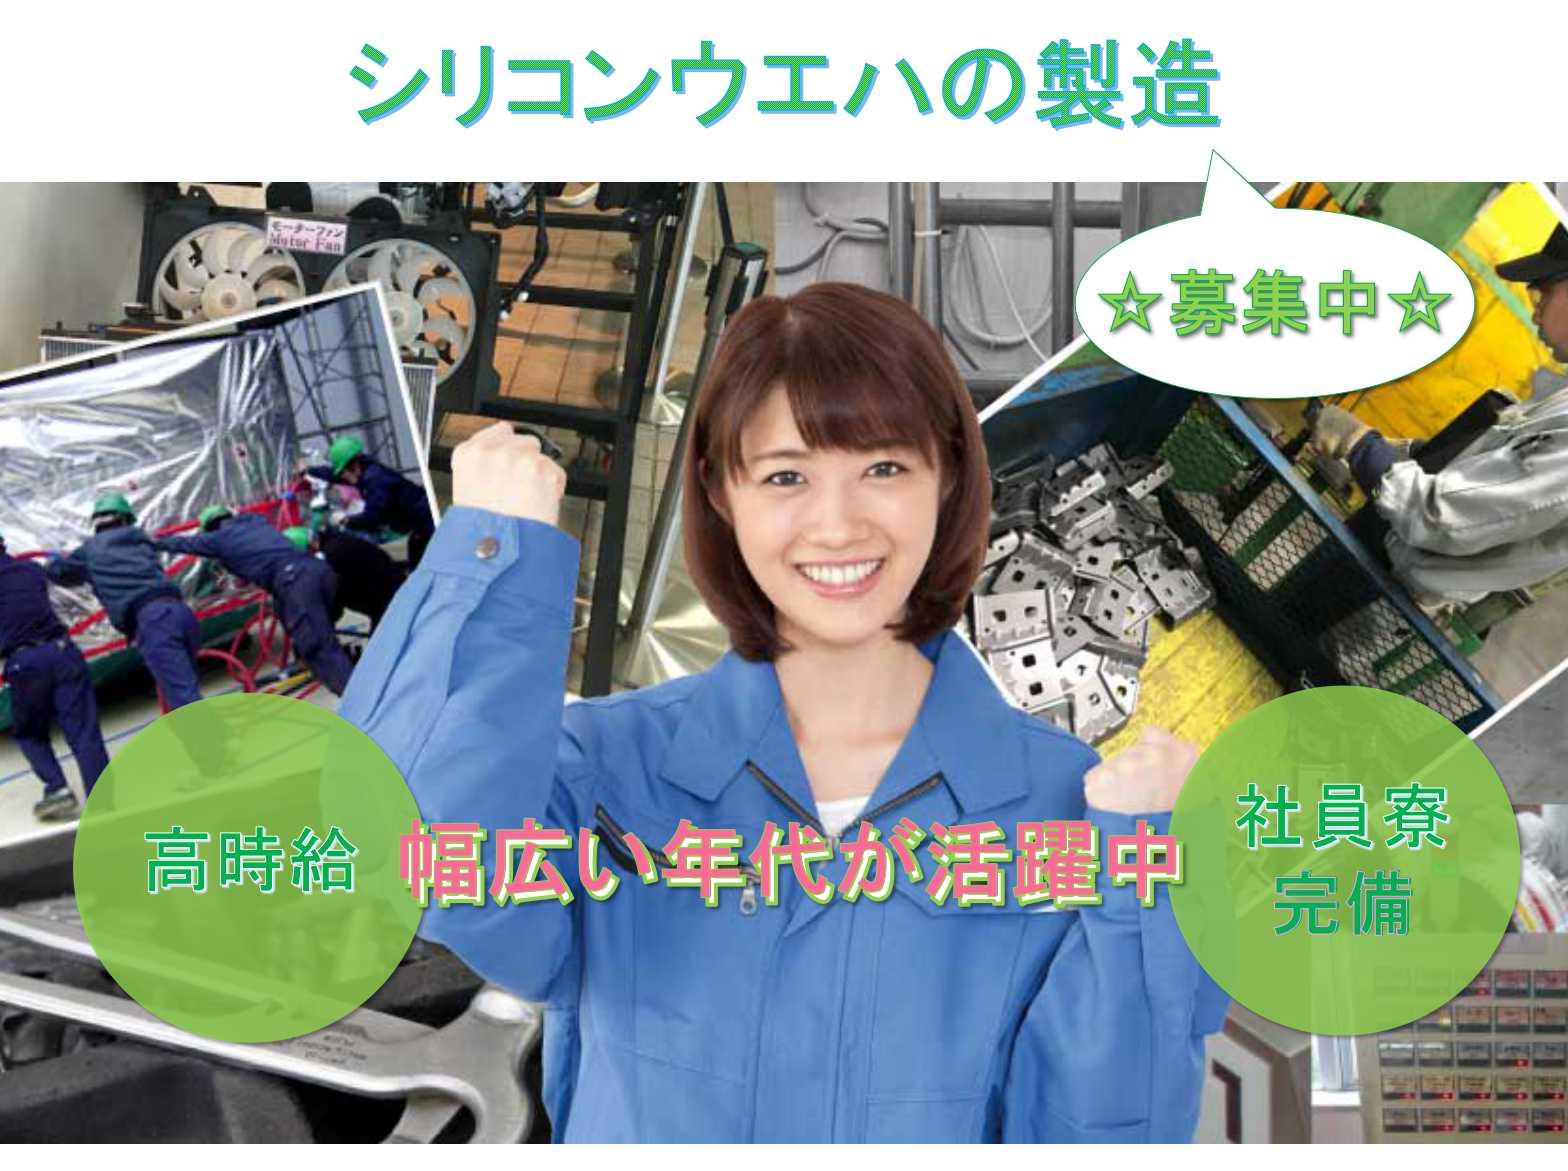 【北海道岩内郡共和町】時給1400円以上◆寮費無料◆シリコンウエハの製造◆ イメージ